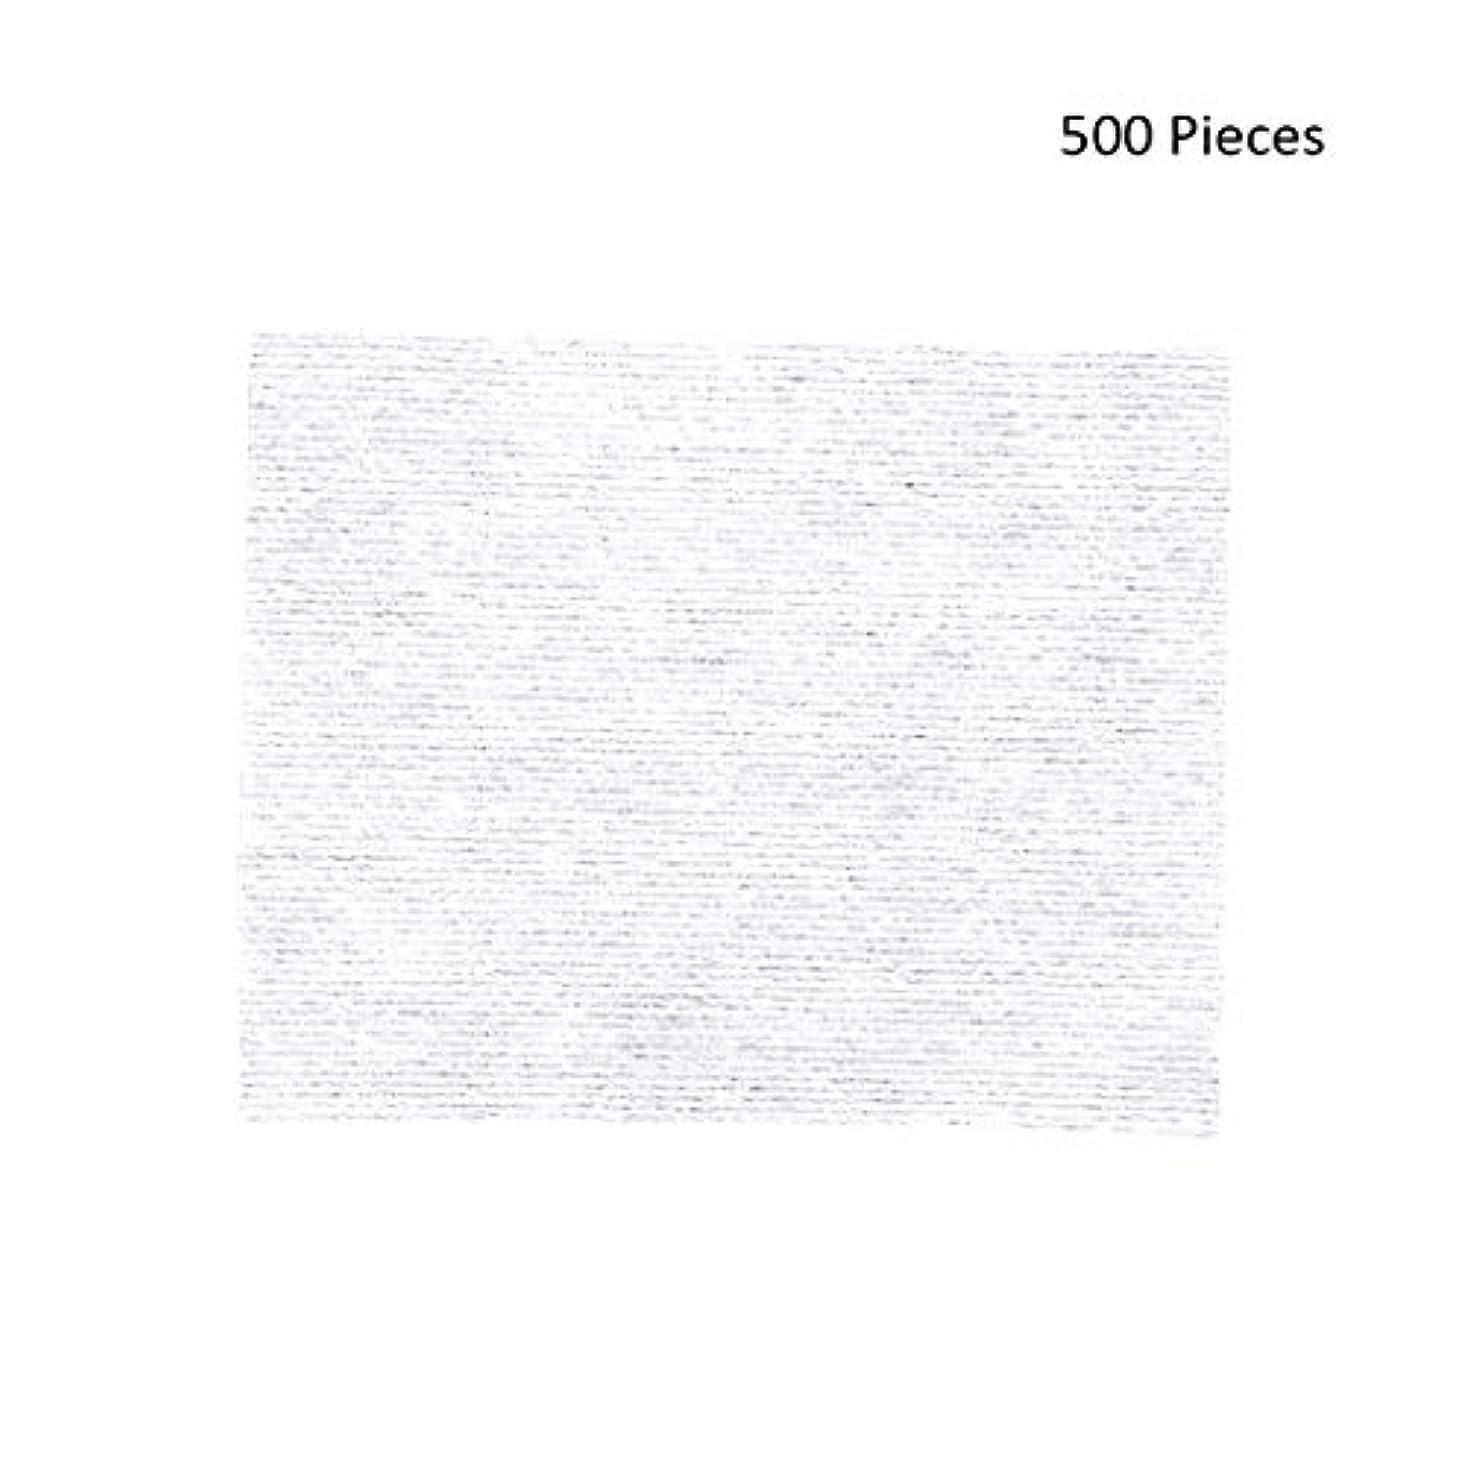 威するレッスンワイド500ピースフェイスメイクアップリムーバーワイプコットンパッドメイクアップリムーバーソフト化粧品フェイスマスククレンジングケアフェイシャルコットンパッド (Color : White, サイズ : 6*5cm)